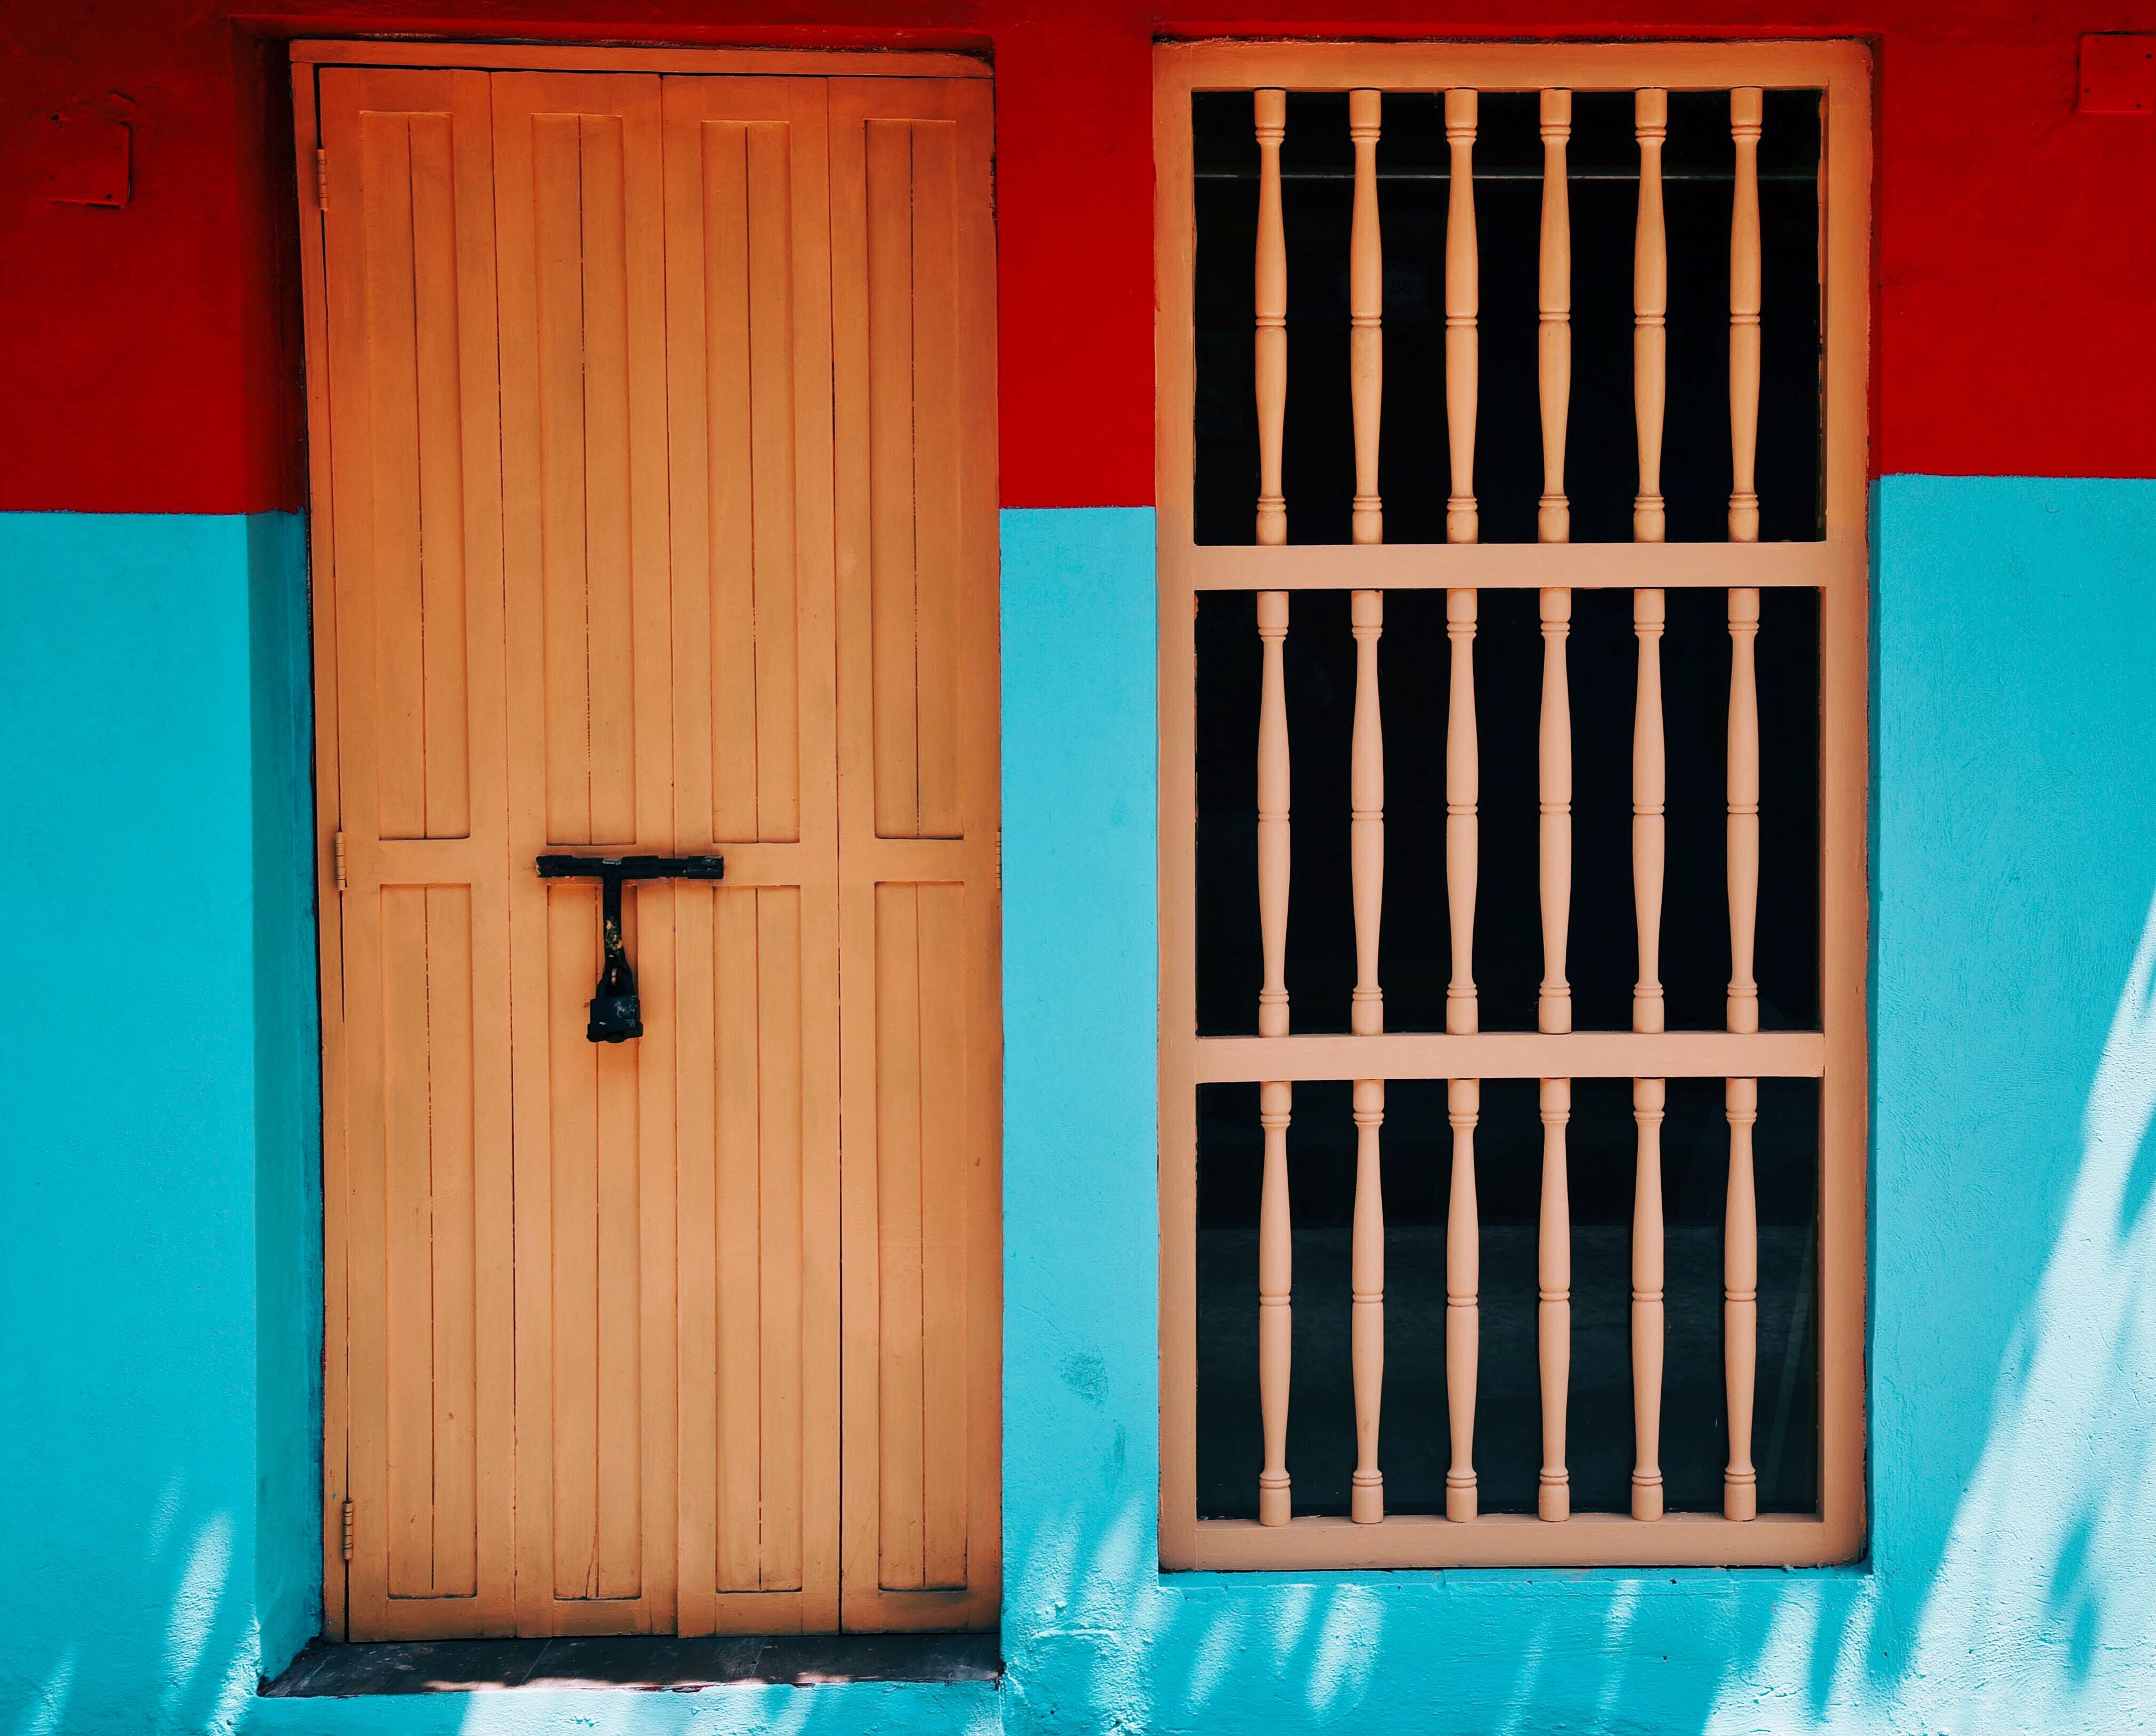 closed brown wooden door beside window